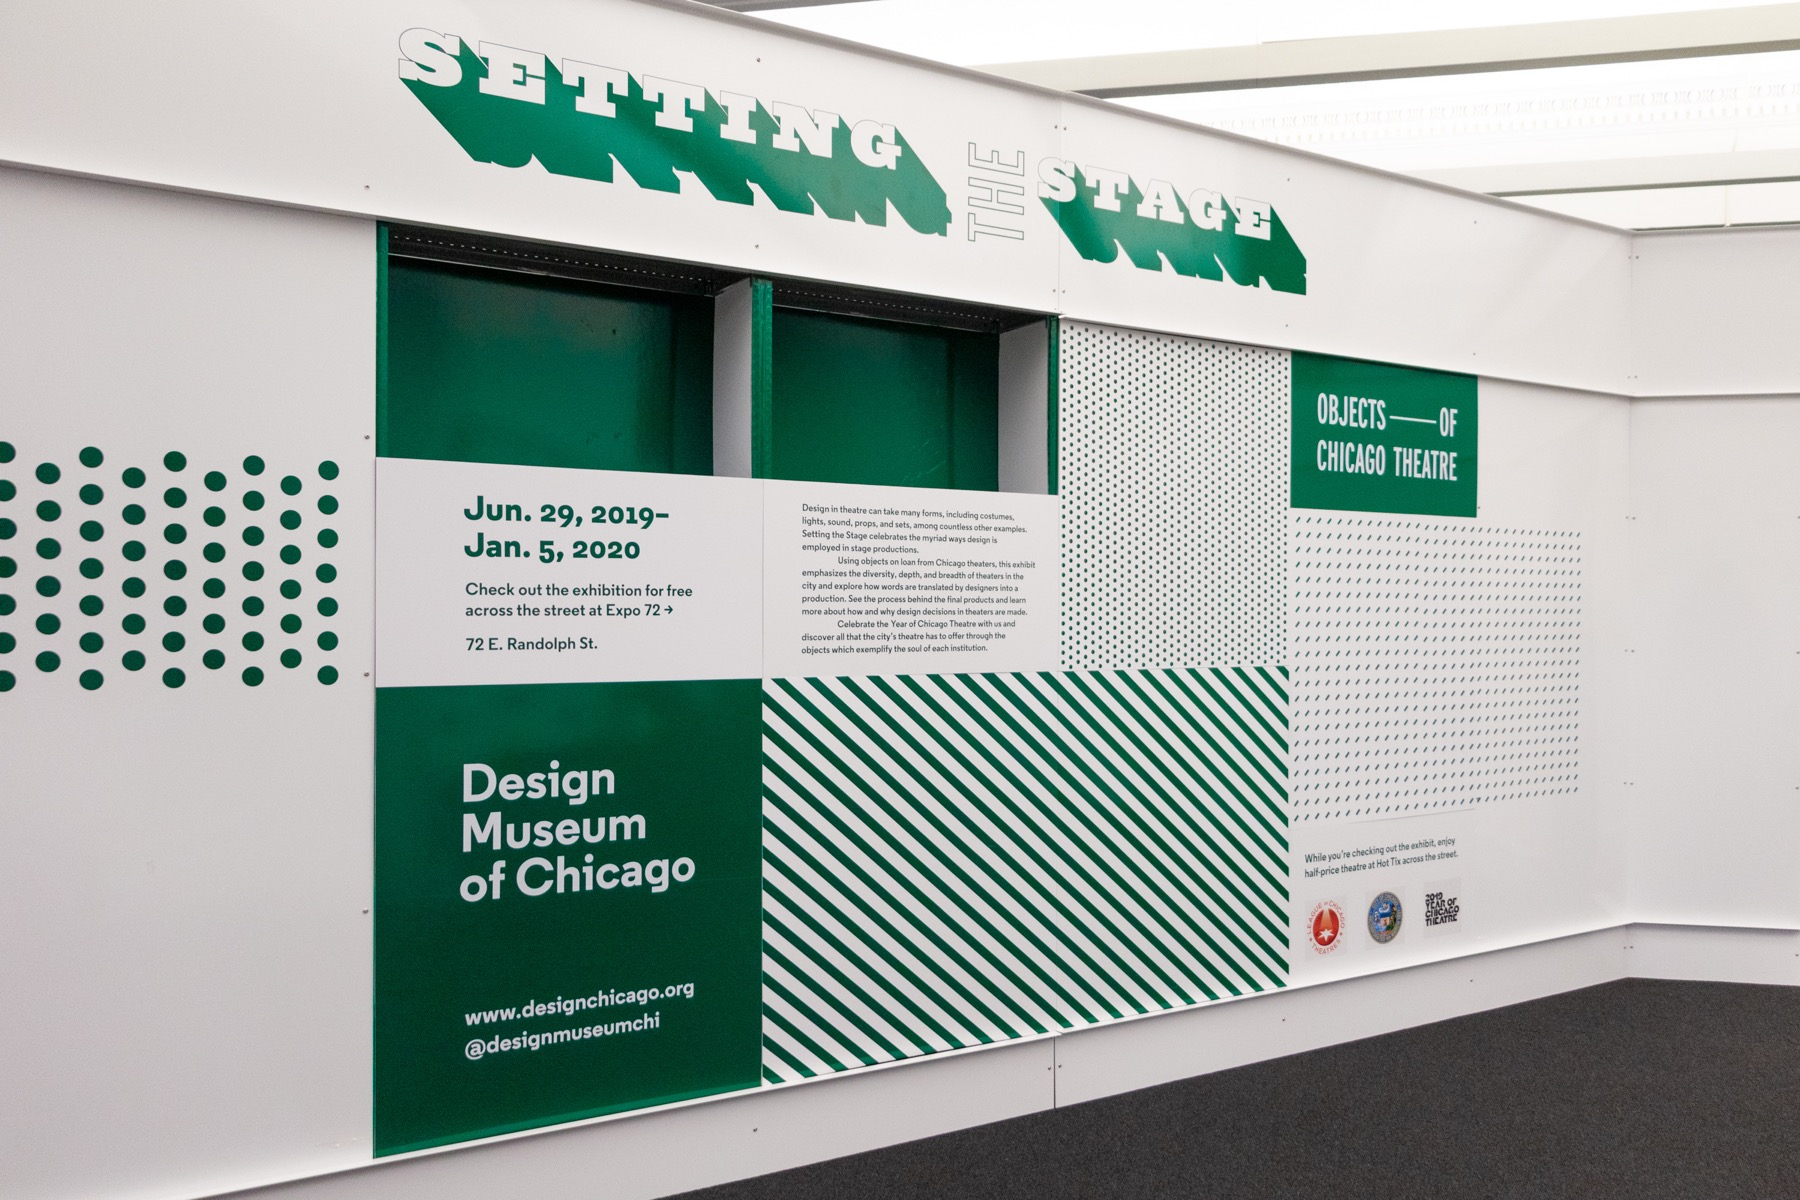 Design Museum YOCT exhibit